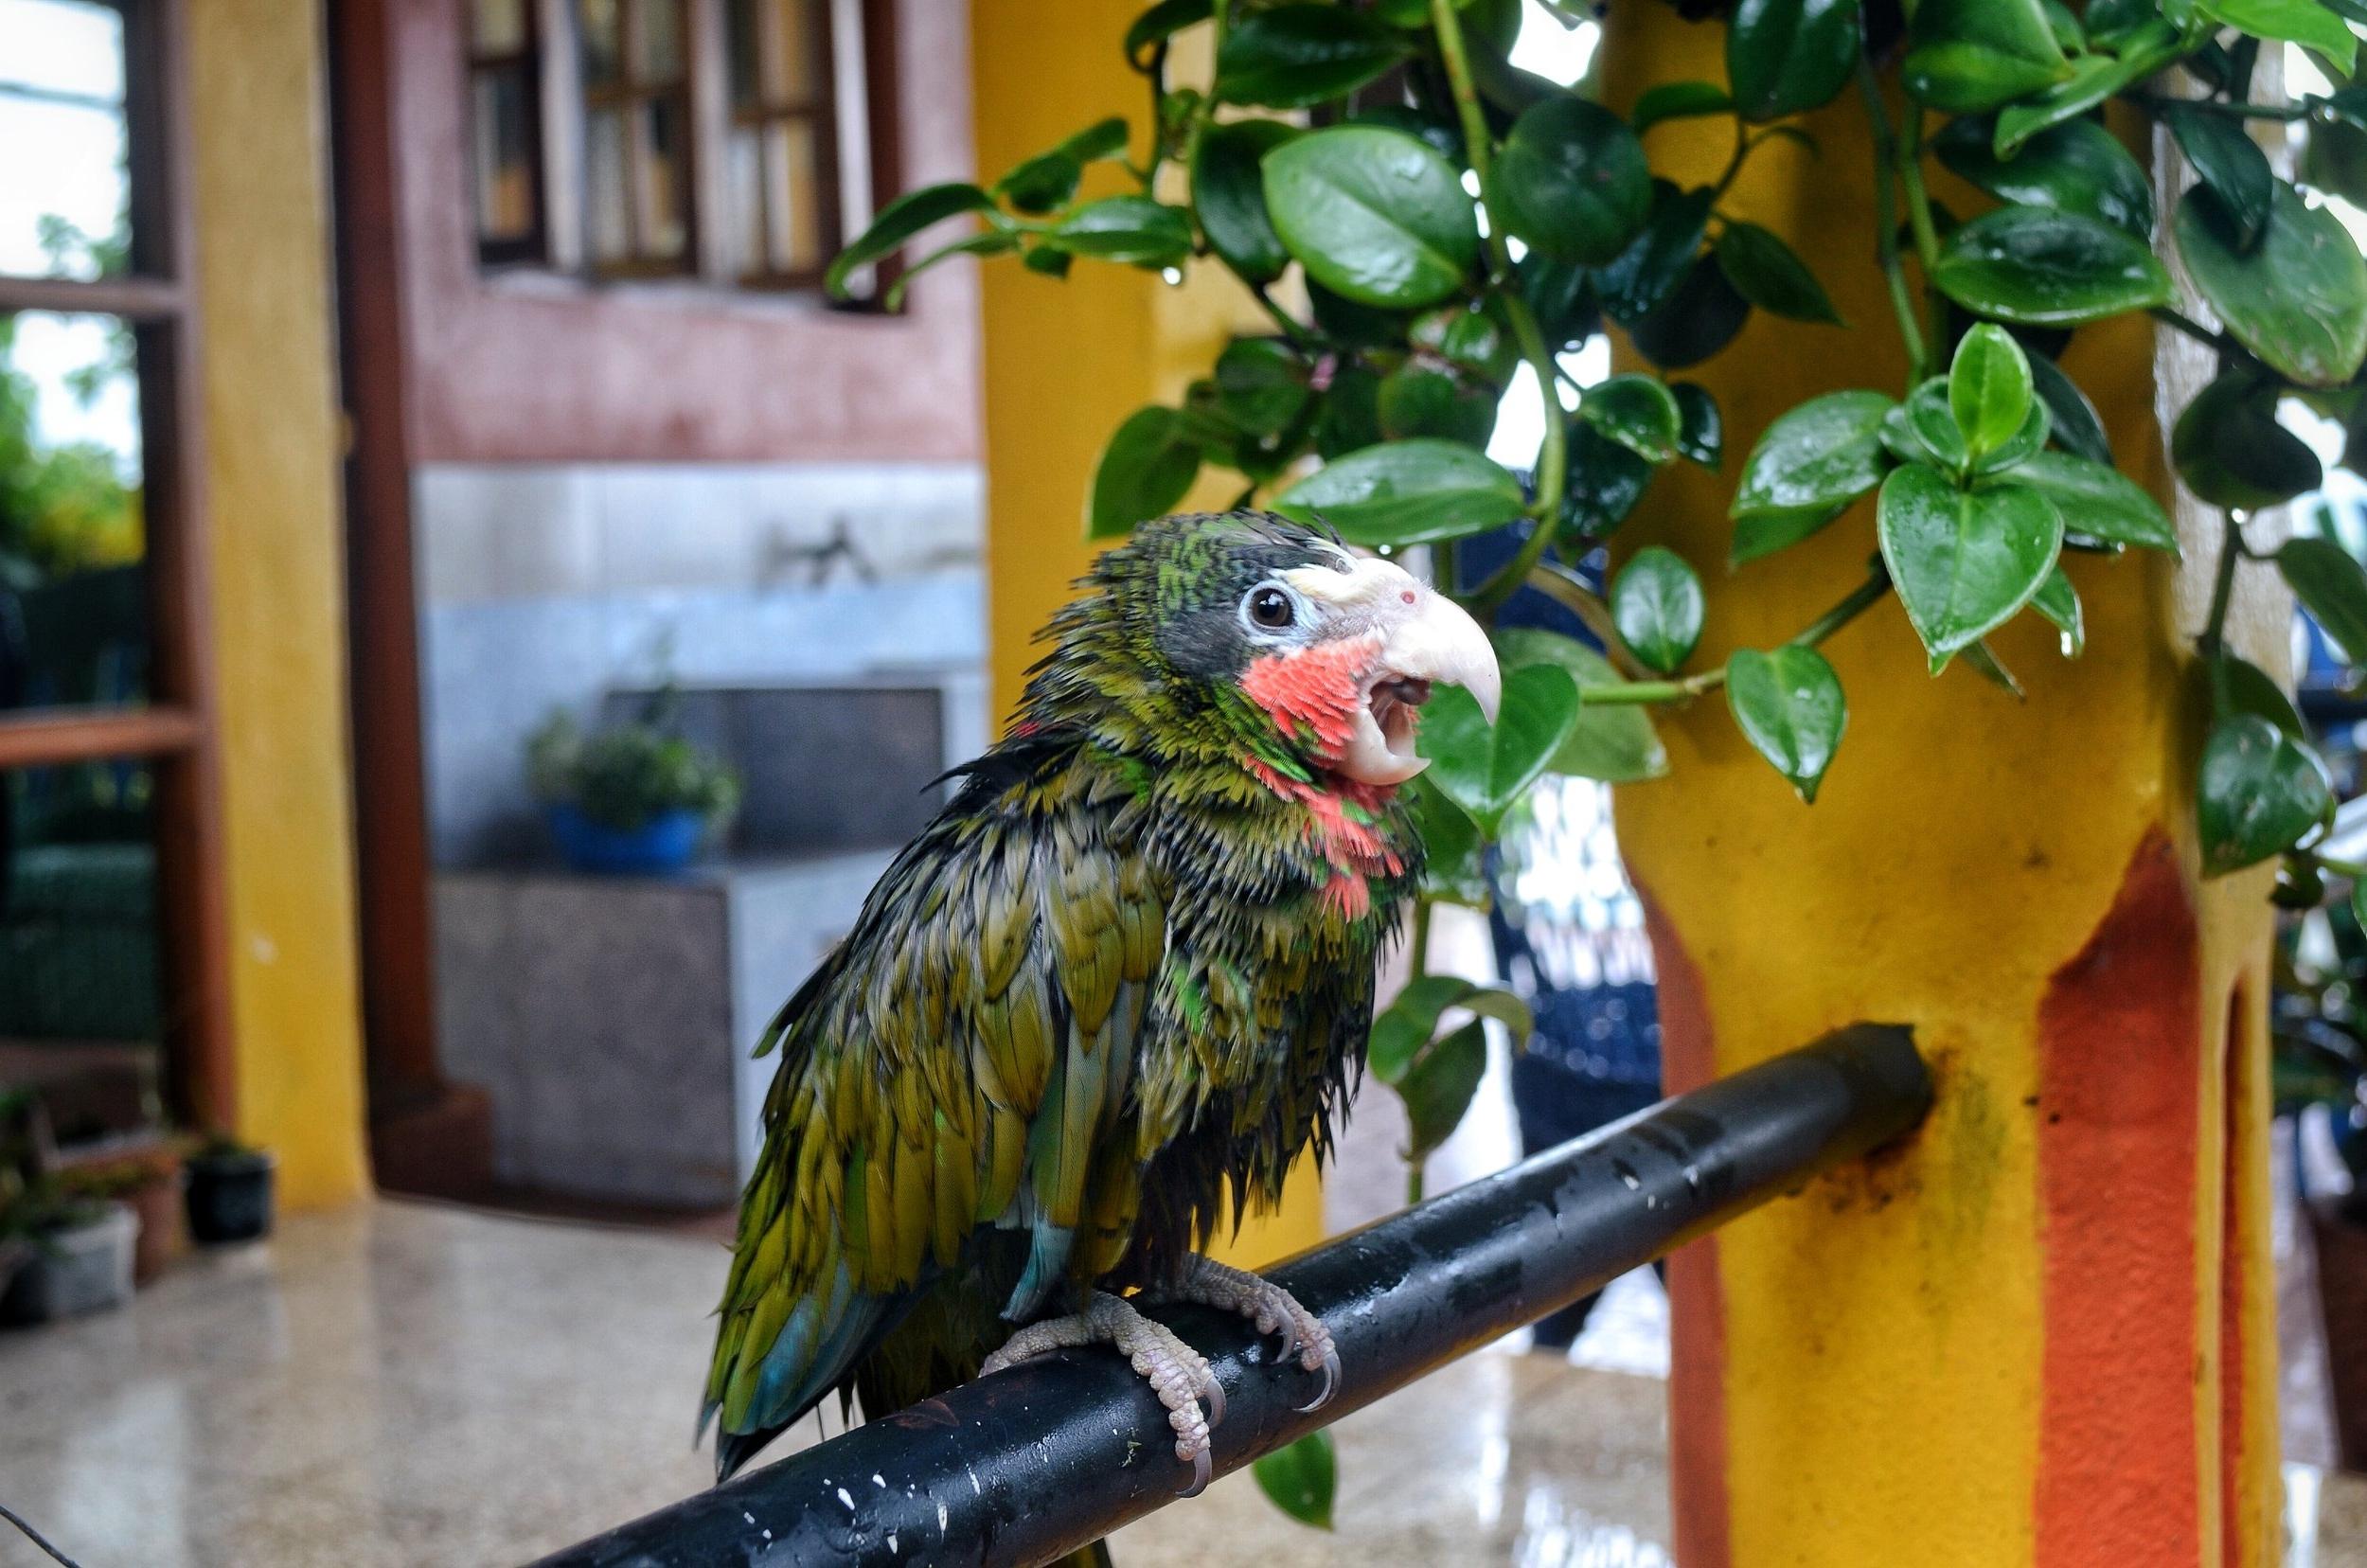 Lola the Parrot at Villa Paradiso - Baracoa, Cuba